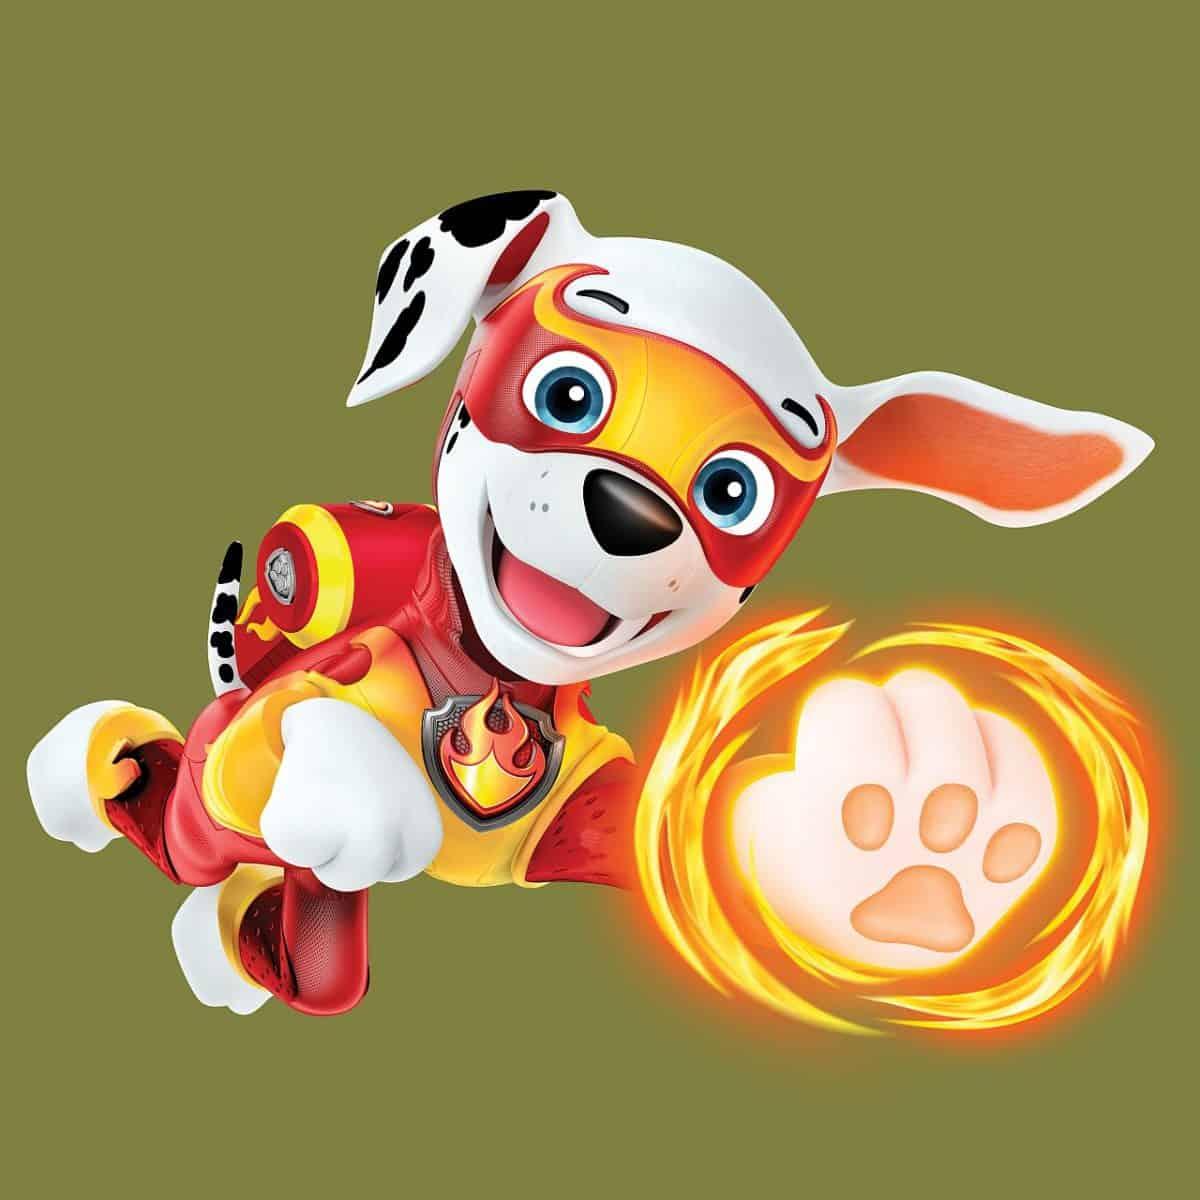 Marshall, ein etwas tollpatschiger Dalmatiner, der leicht zu begeistern ist. © Paramount Pictures